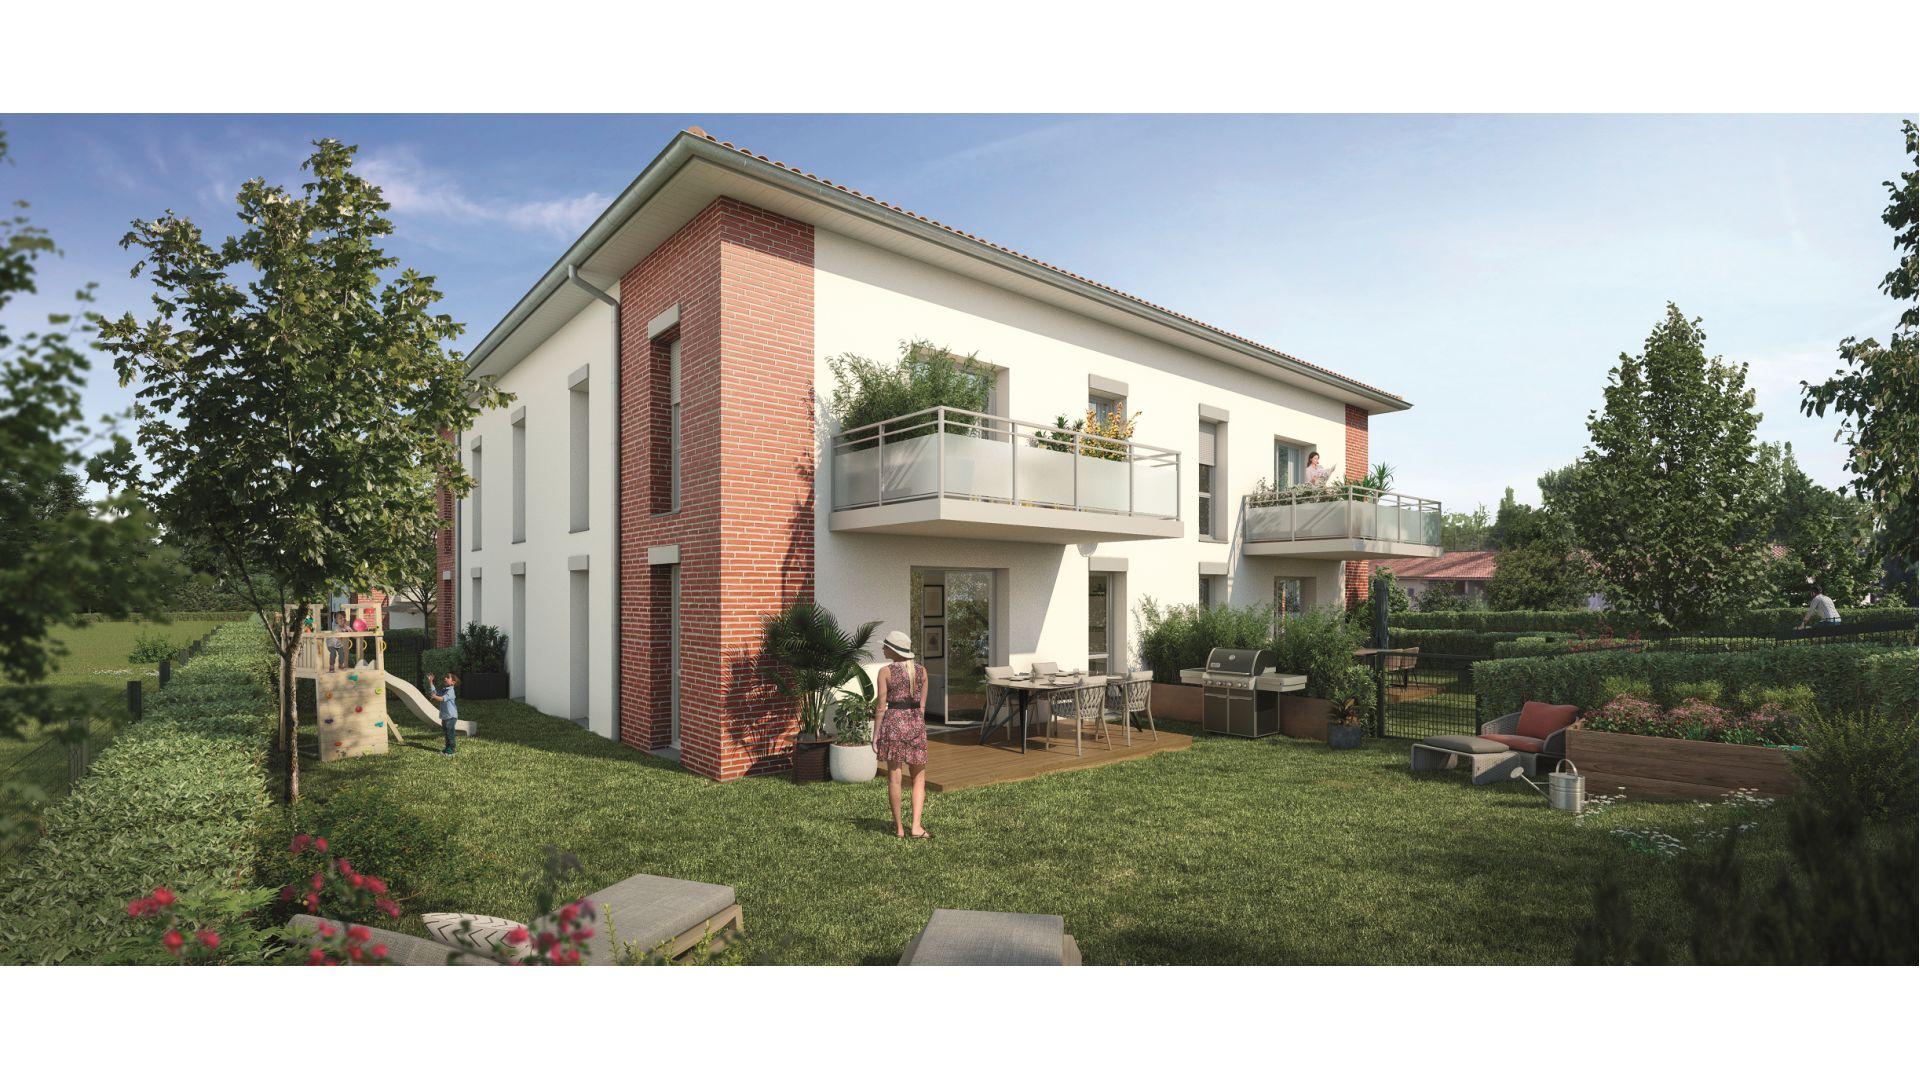 Greencity Immobilier - Le Roncevaux - achat appartements du T2 au T3 - Pechbonnieu 31140 - vue jardin